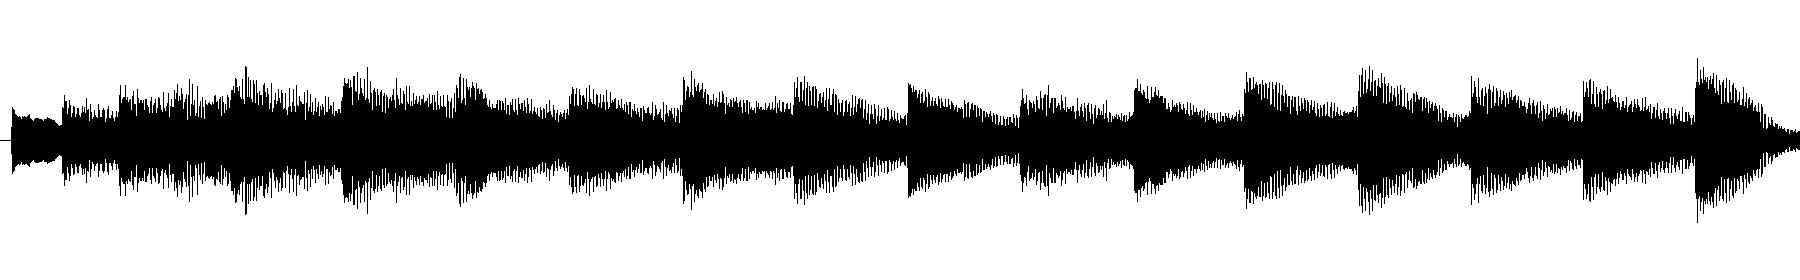 loop60125bpm